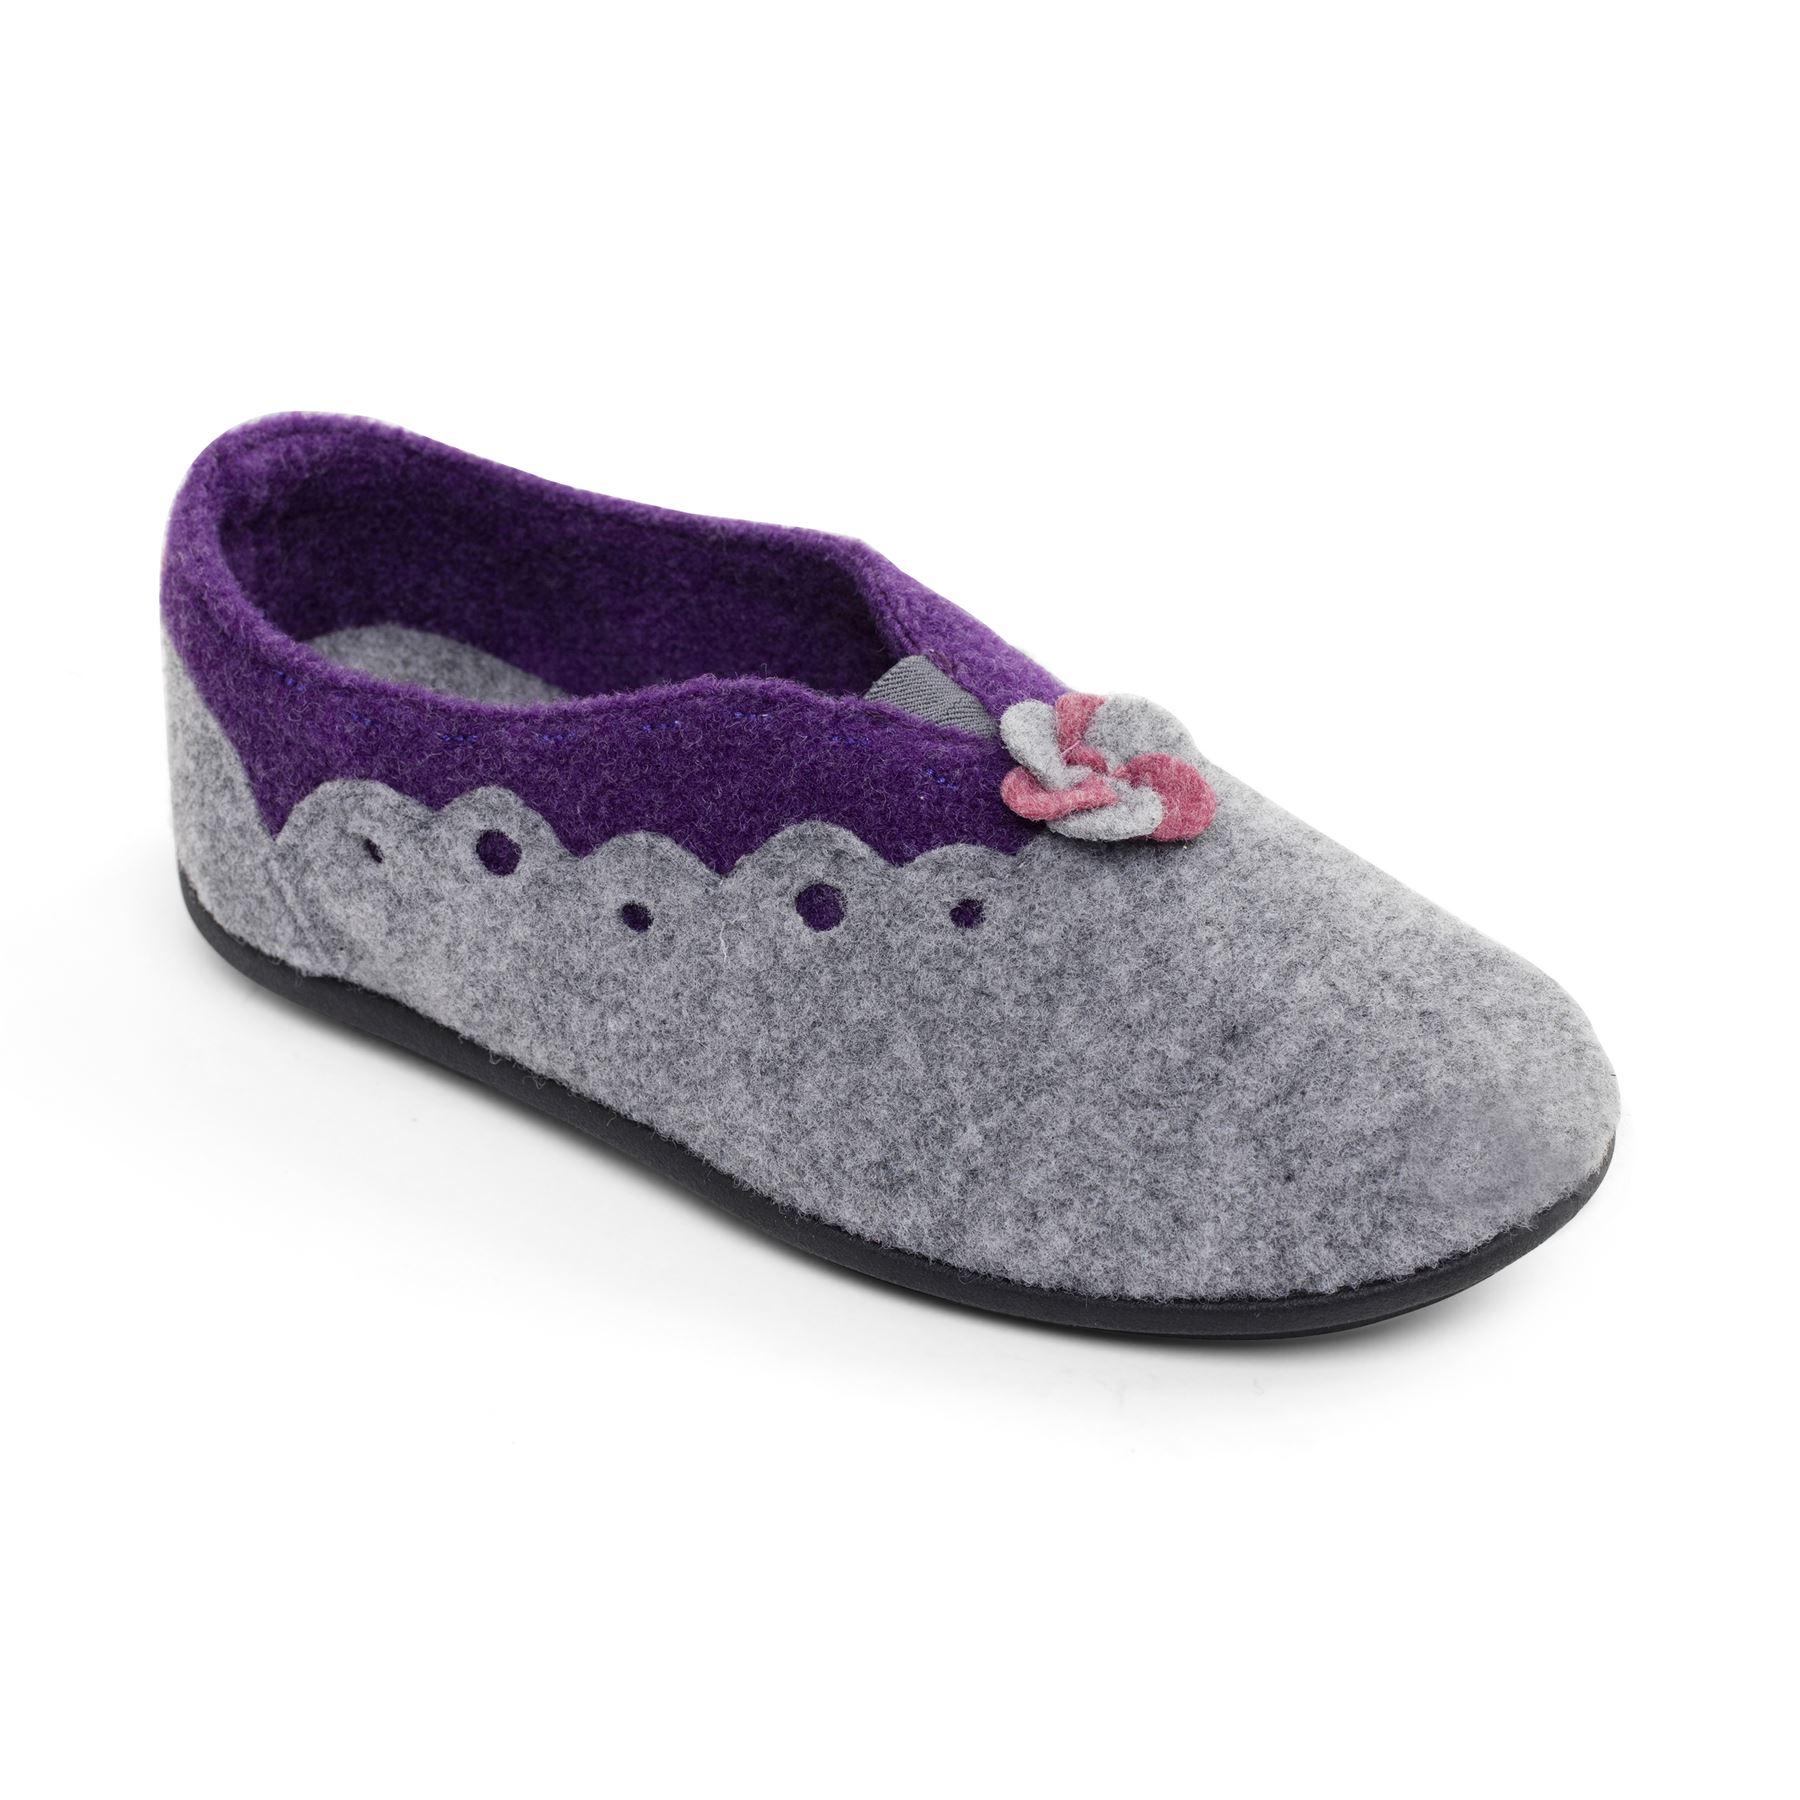 Padders Mujer Zapatillas De Fieltro 'Hannah' | Extra ancho Plus EE-EEE Ajuste talón | 15mm